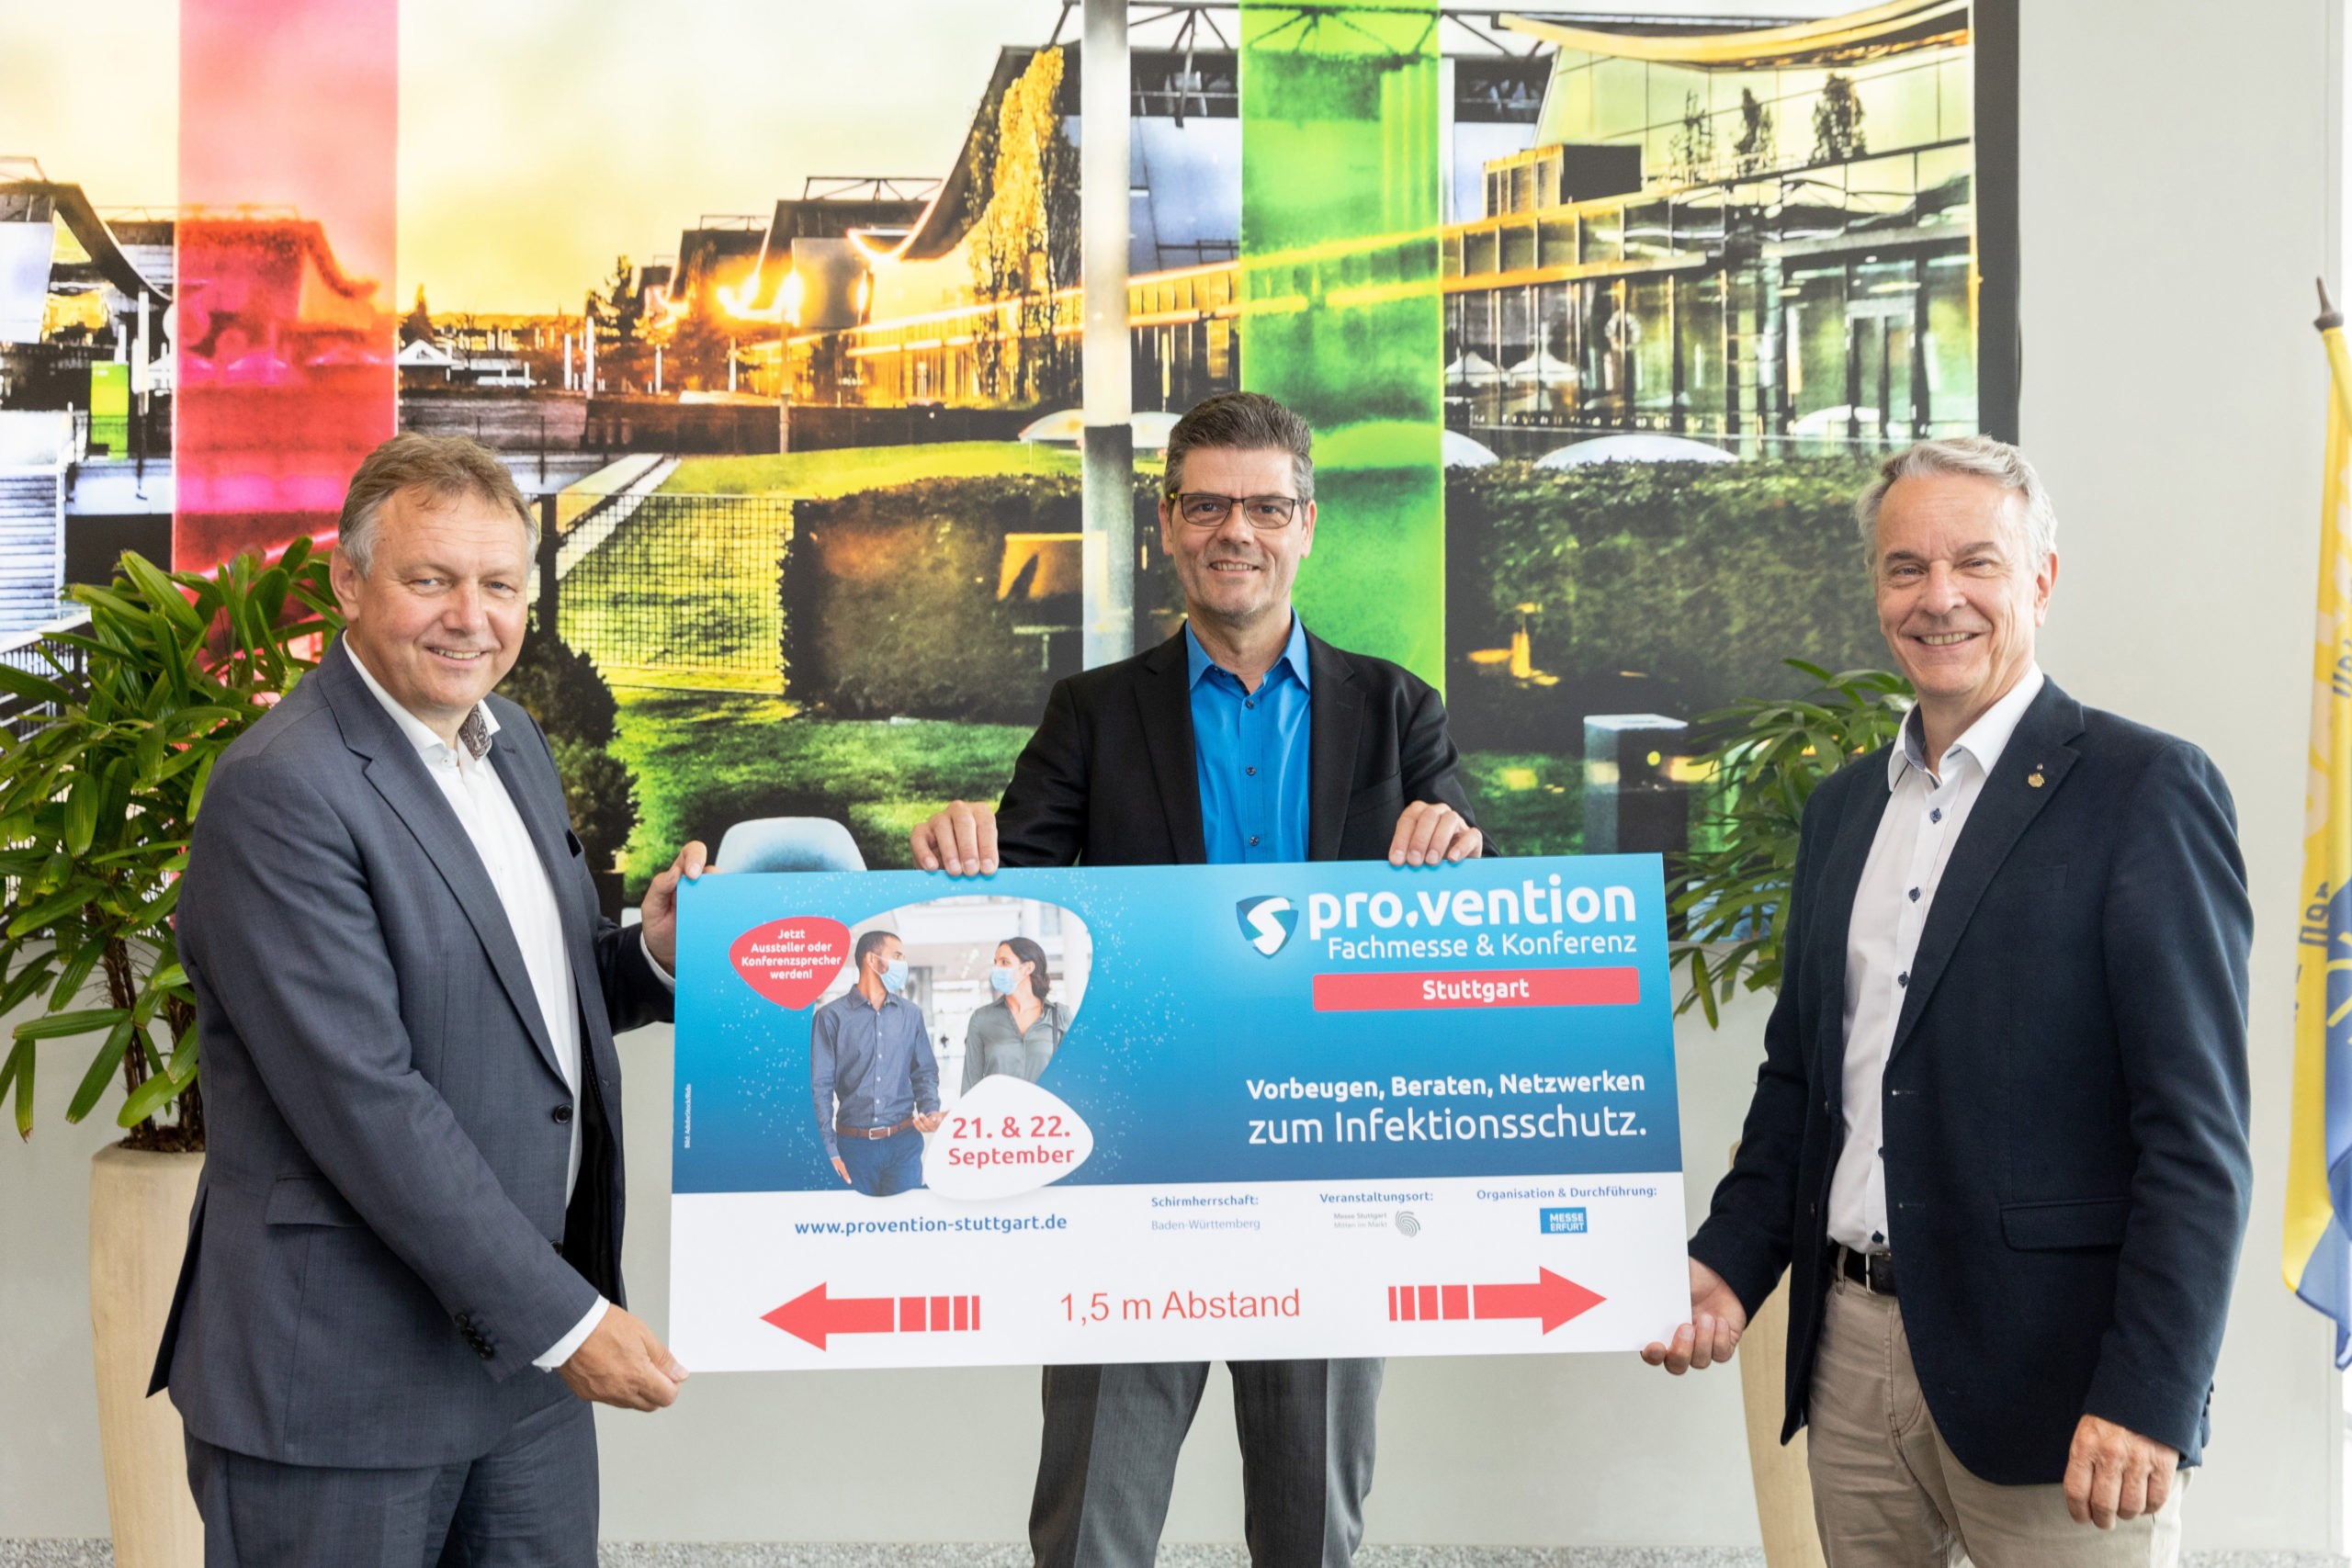 Michael Kynast, Stefan Lohnert und Roland Bleinroth (von links, Foto: Messe Stuttgart)